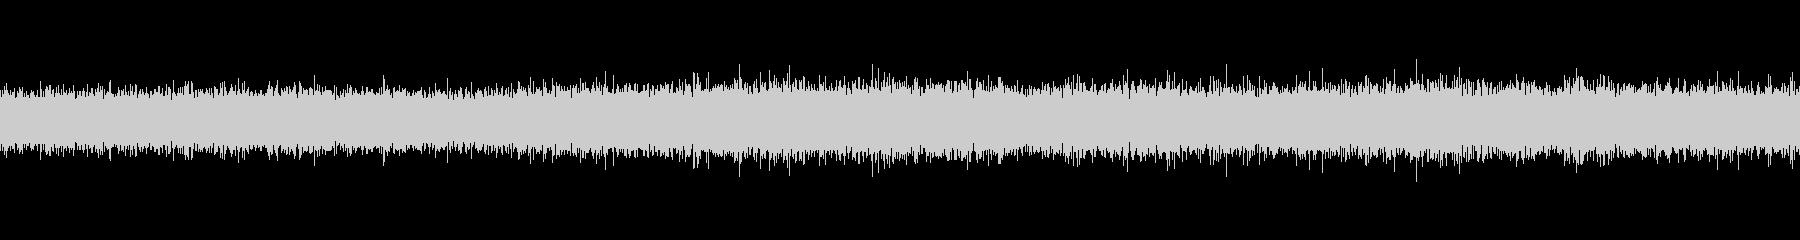 駅のコンコースの音(ドイツ)の未再生の波形